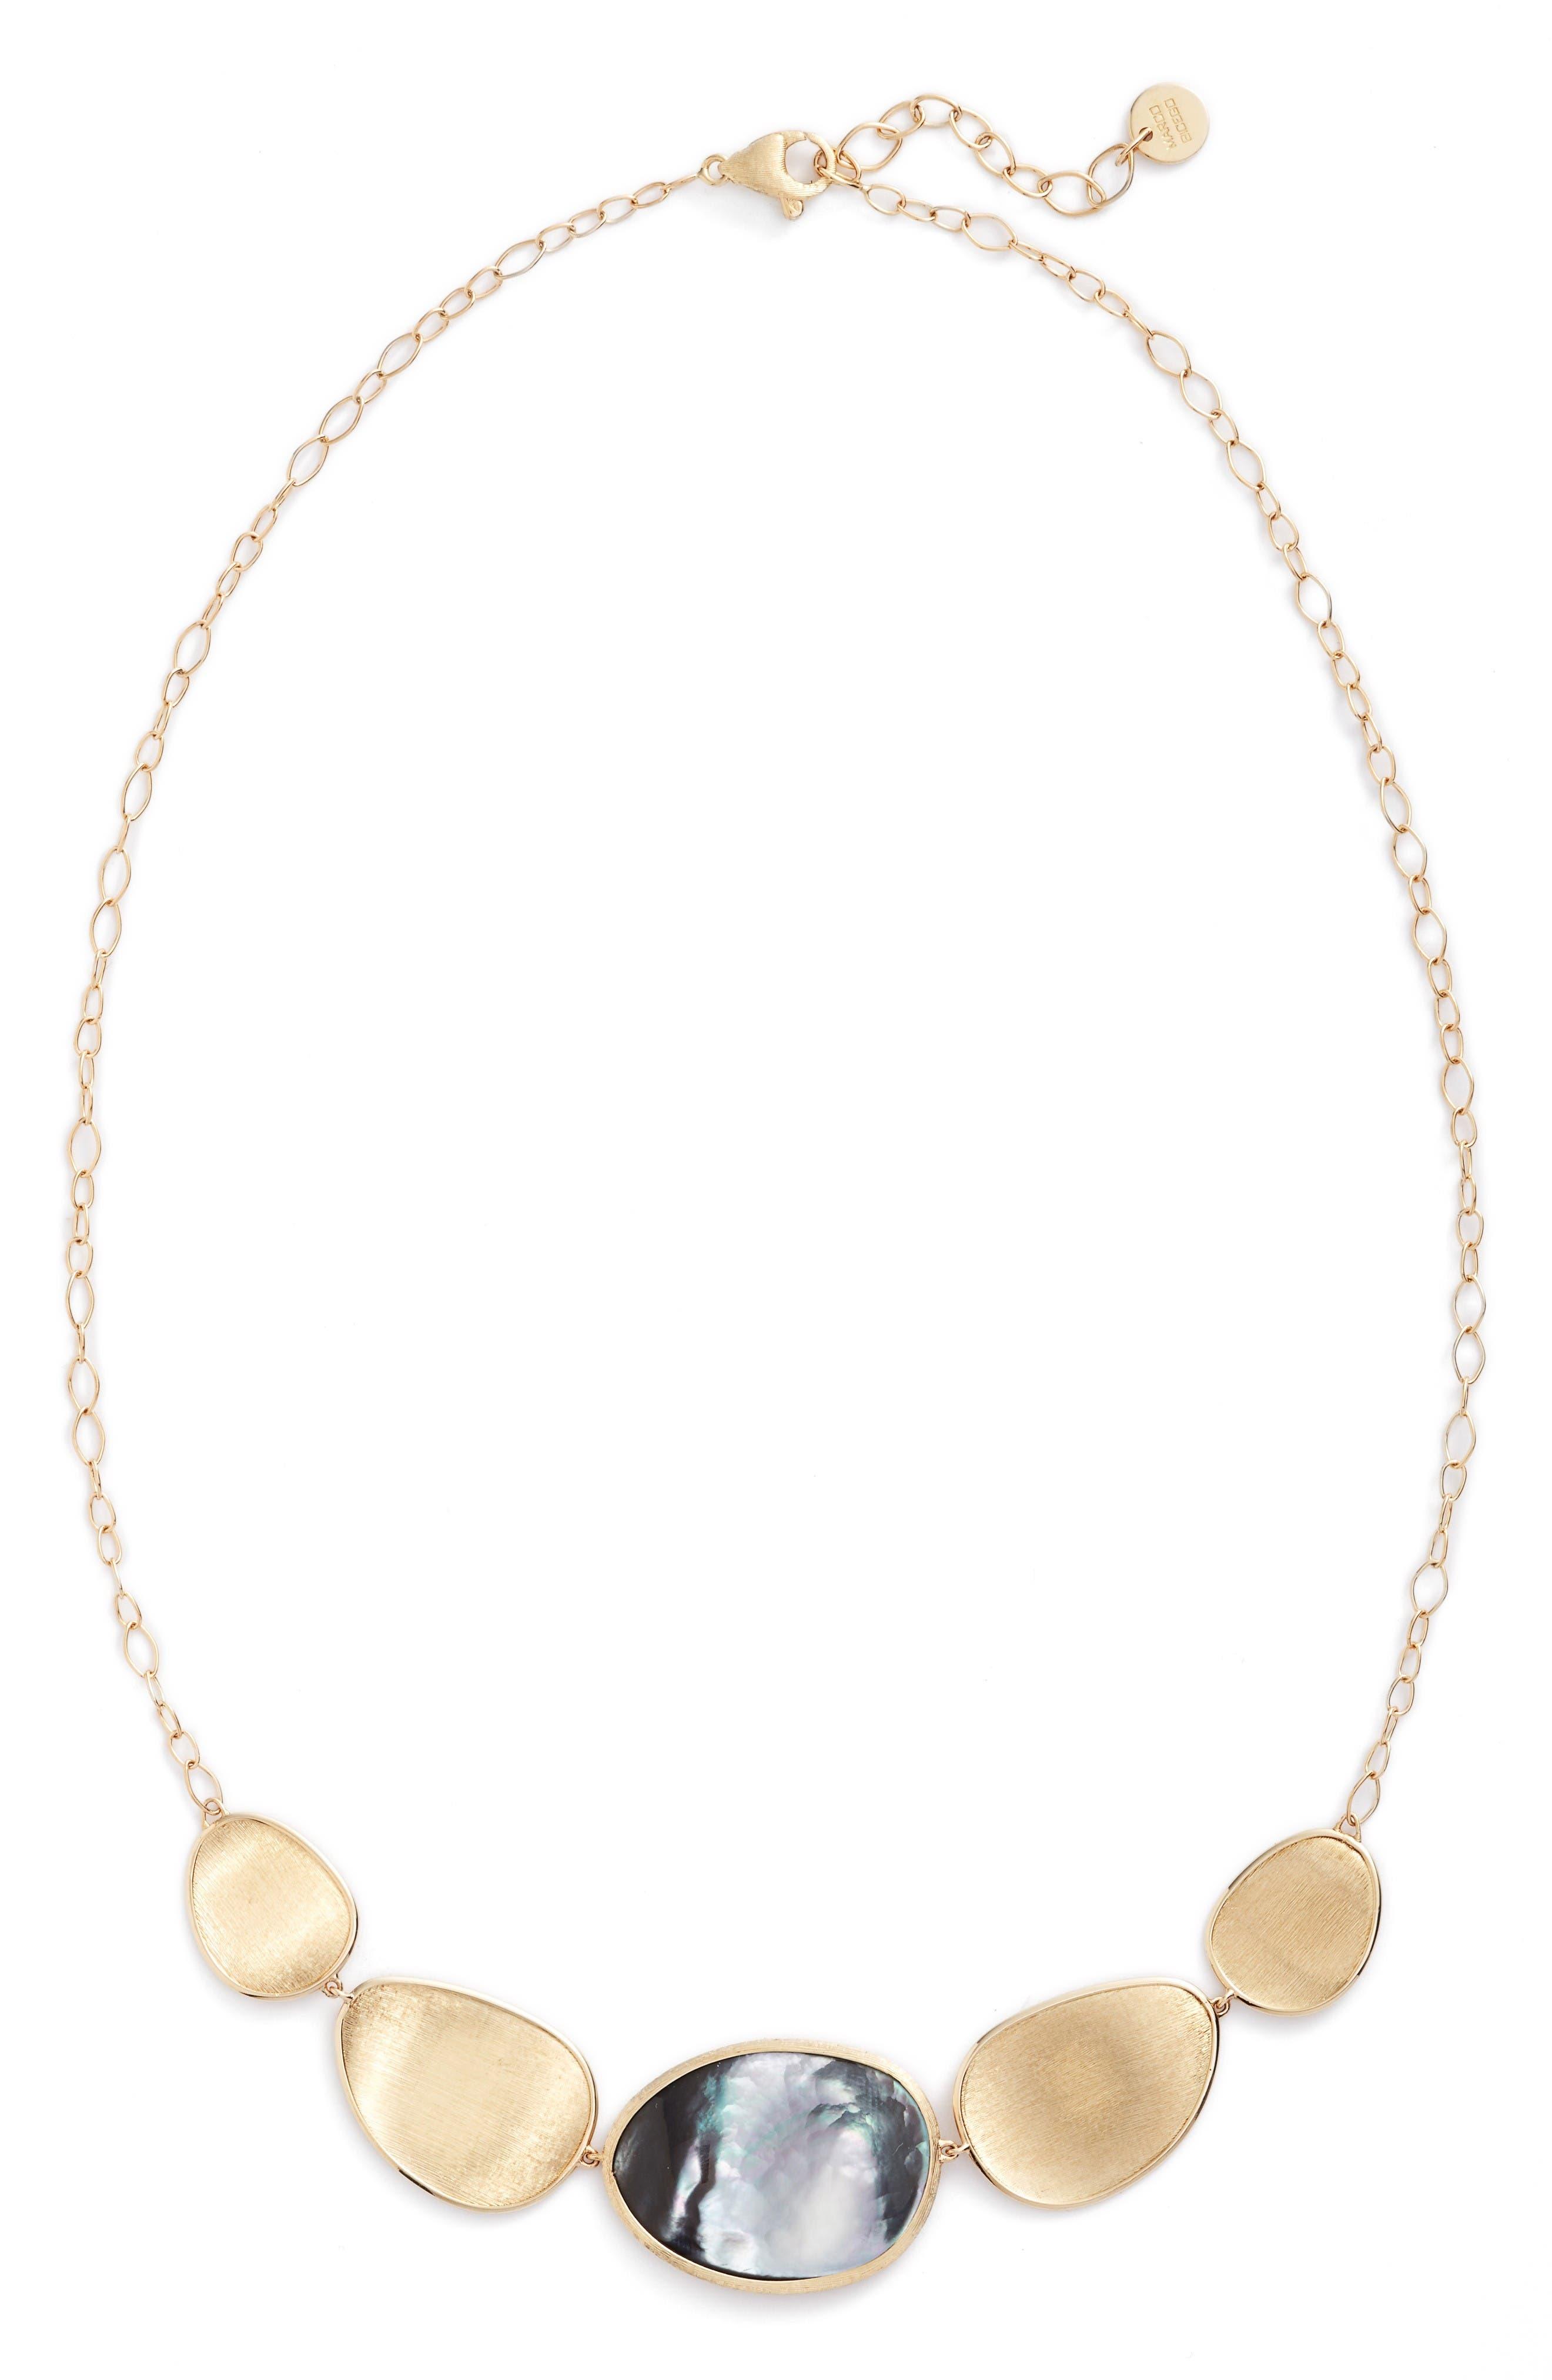 MARCO BICEGO Lunaria Collar Necklace